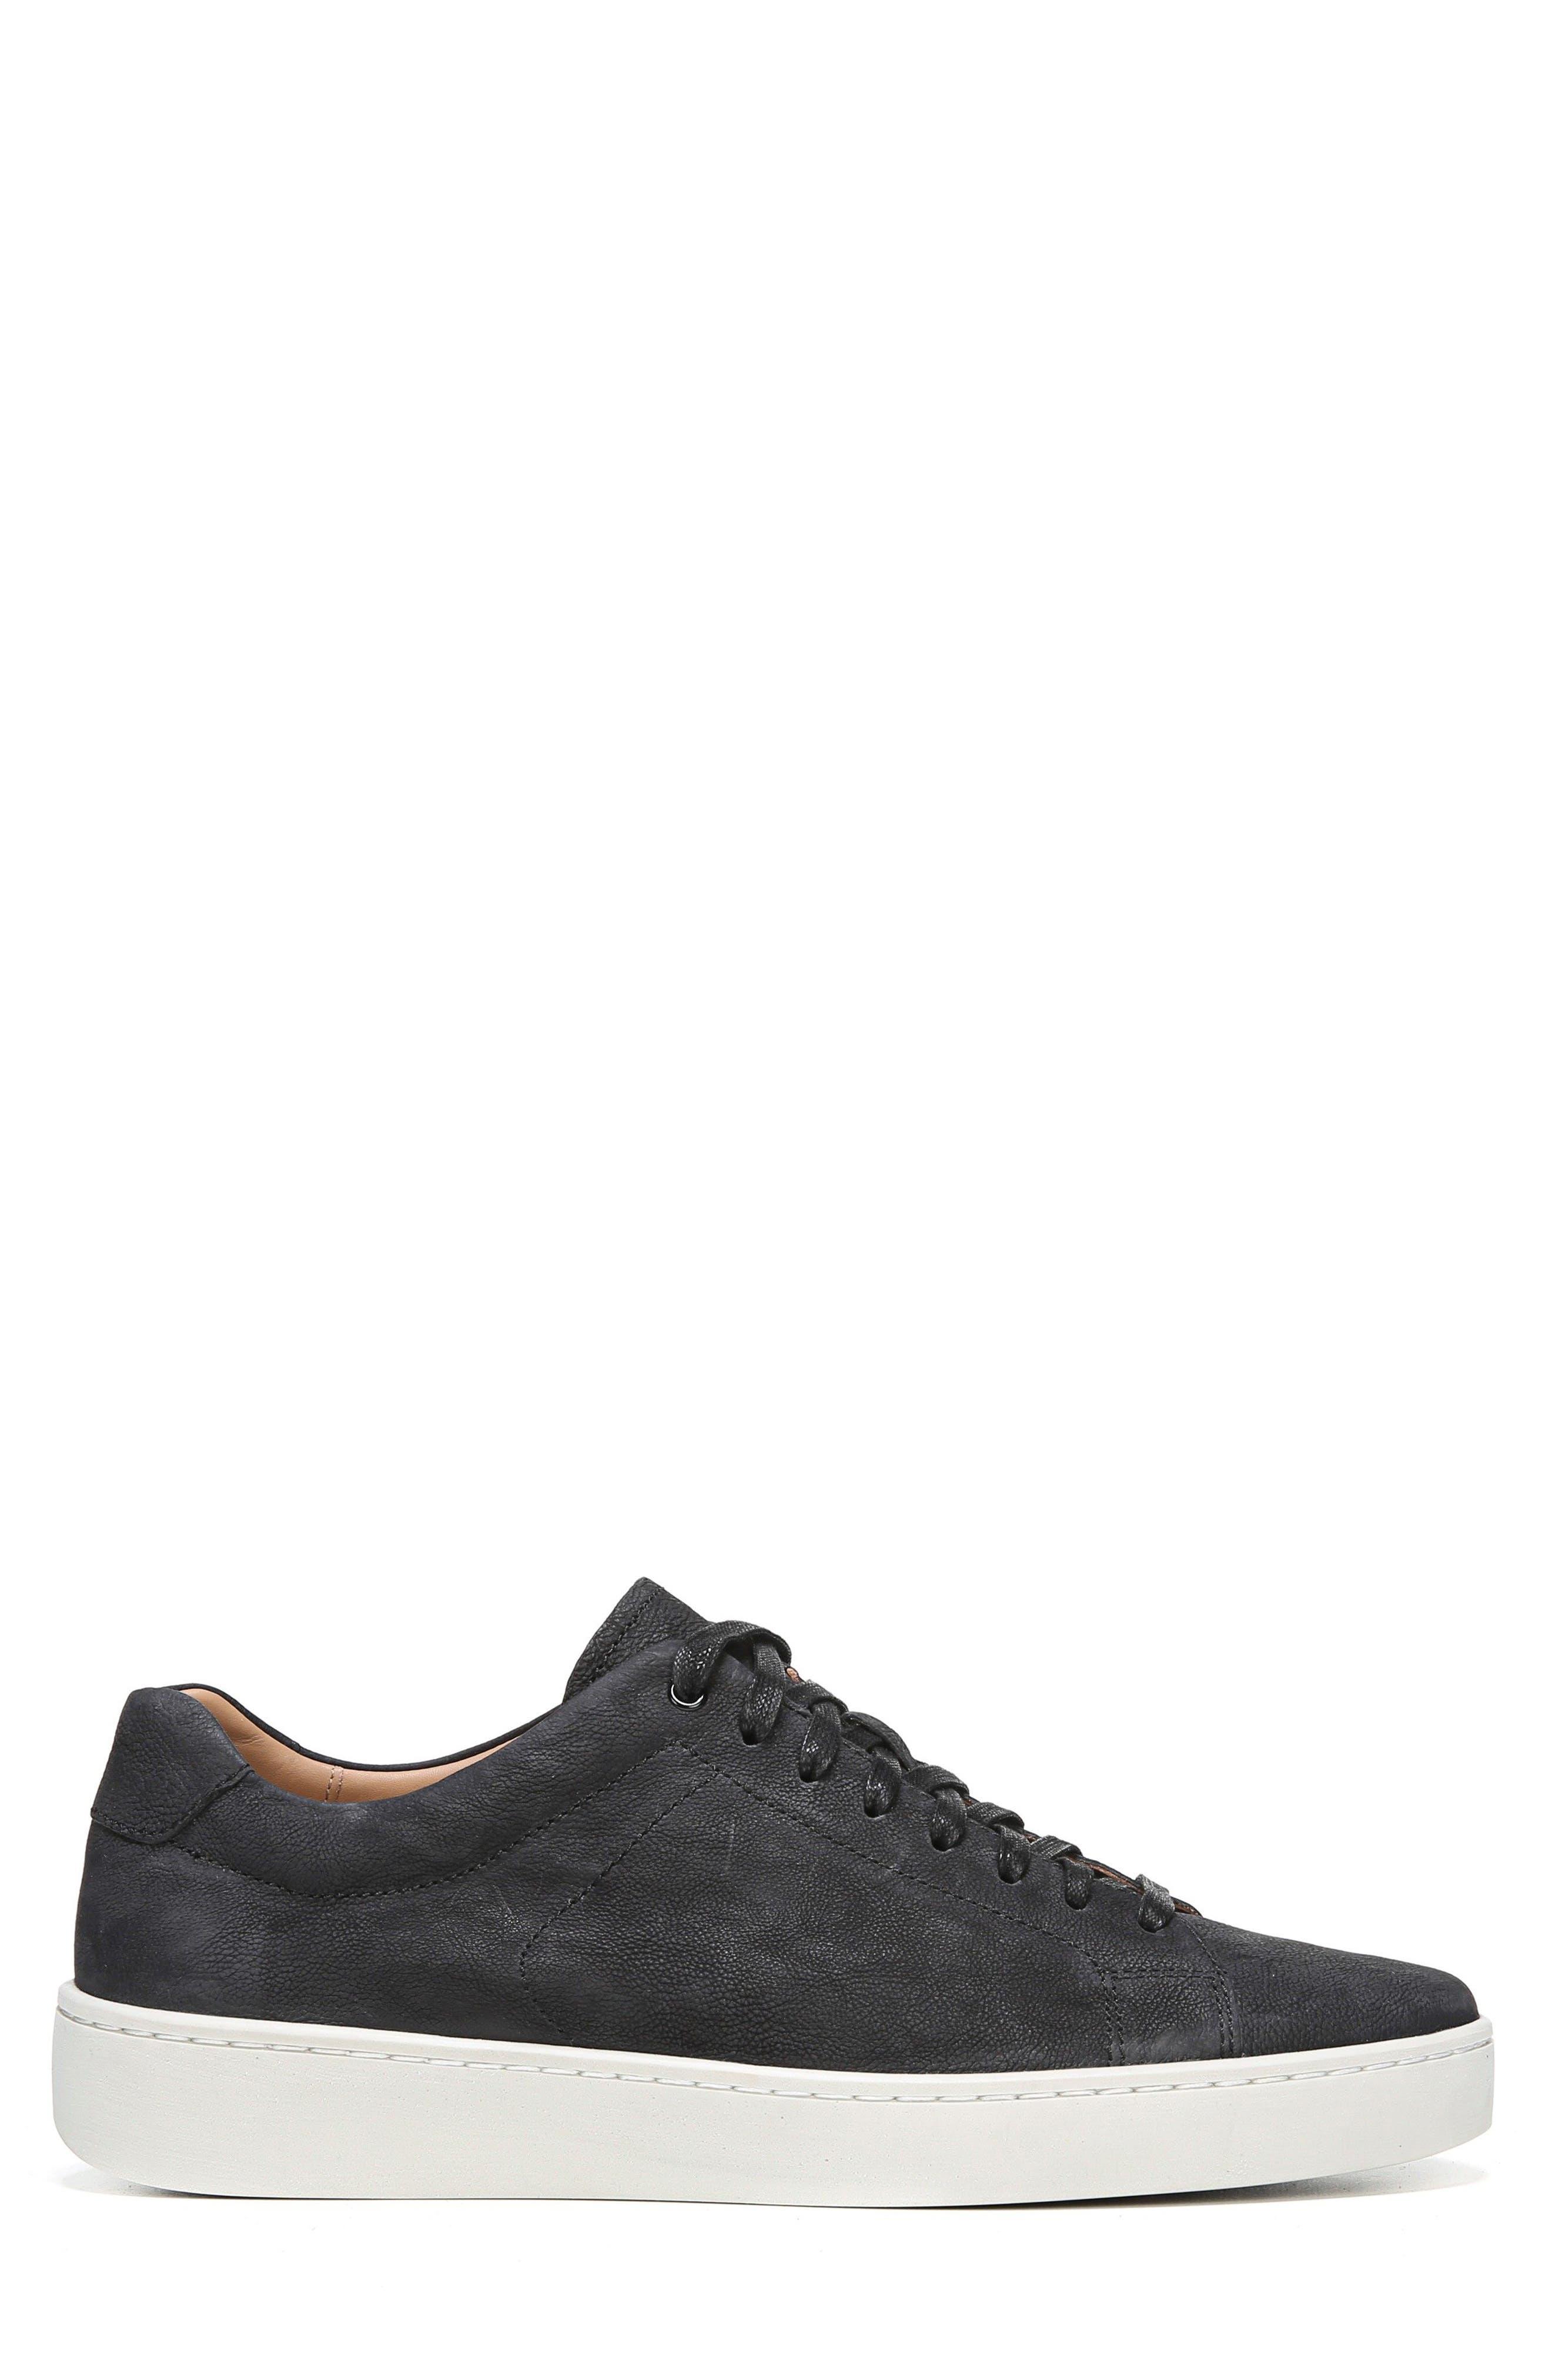 Slater Sneaker,                             Alternate thumbnail 3, color,                             BLACK NUBUCK